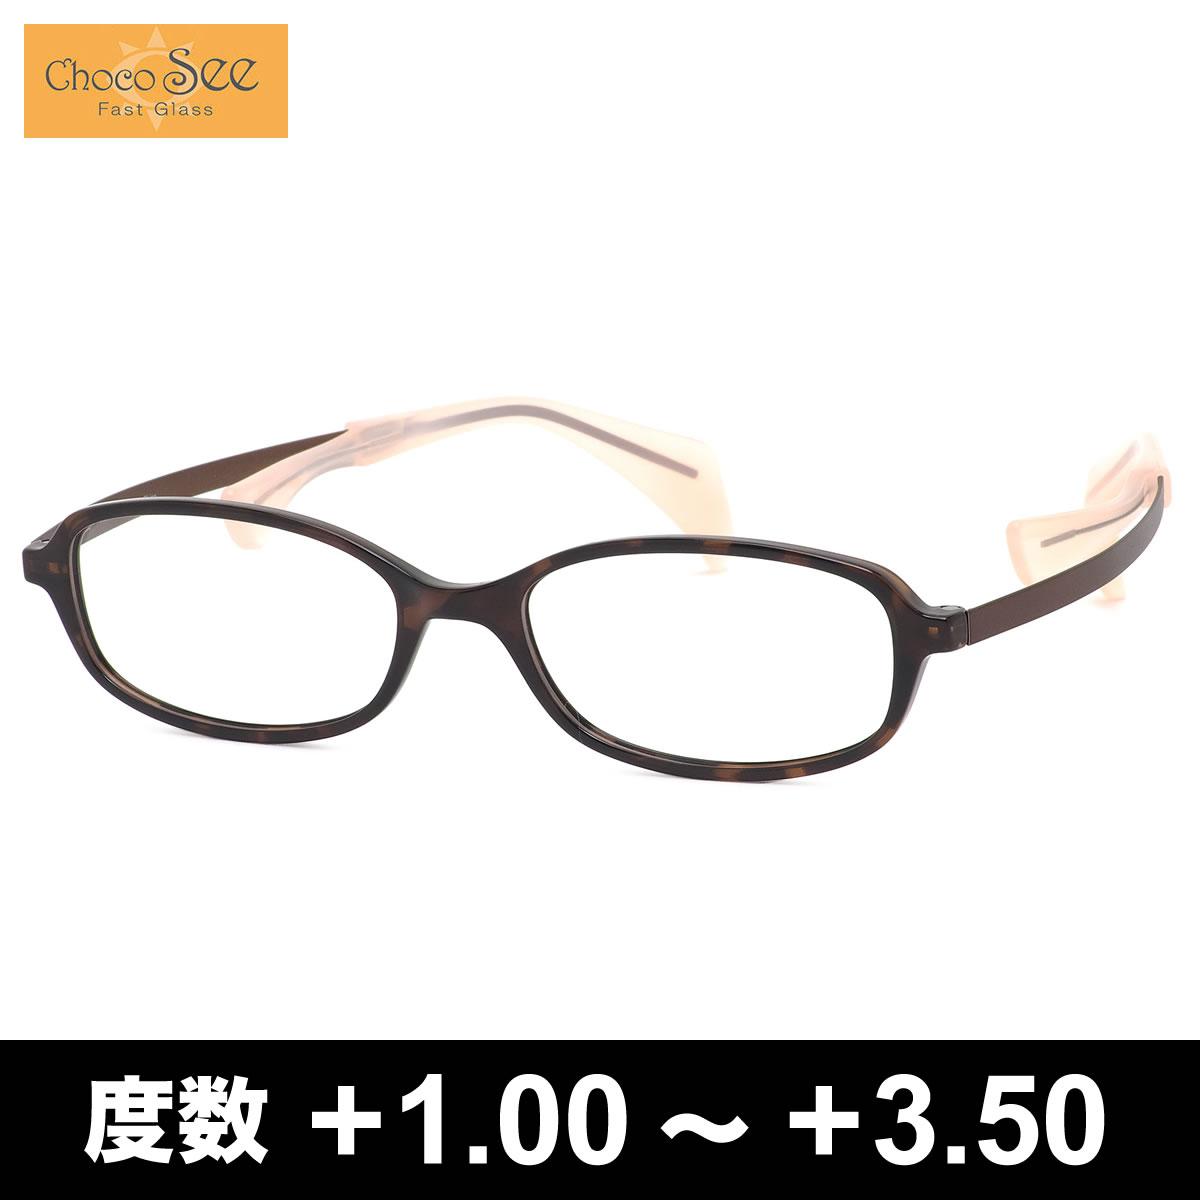 ほぼ全品ポイント15倍~最大43倍+3倍!お得なクーポンも! ちょこシー スマート老眼鏡 +1.00~+3.50 非球面 紫外線カットブルーライトカット ChocoSee FG24503 DB 50サイズ  鼻に跡がつかないメガネ チョコシー ちょこしー ベータチタン [OS]